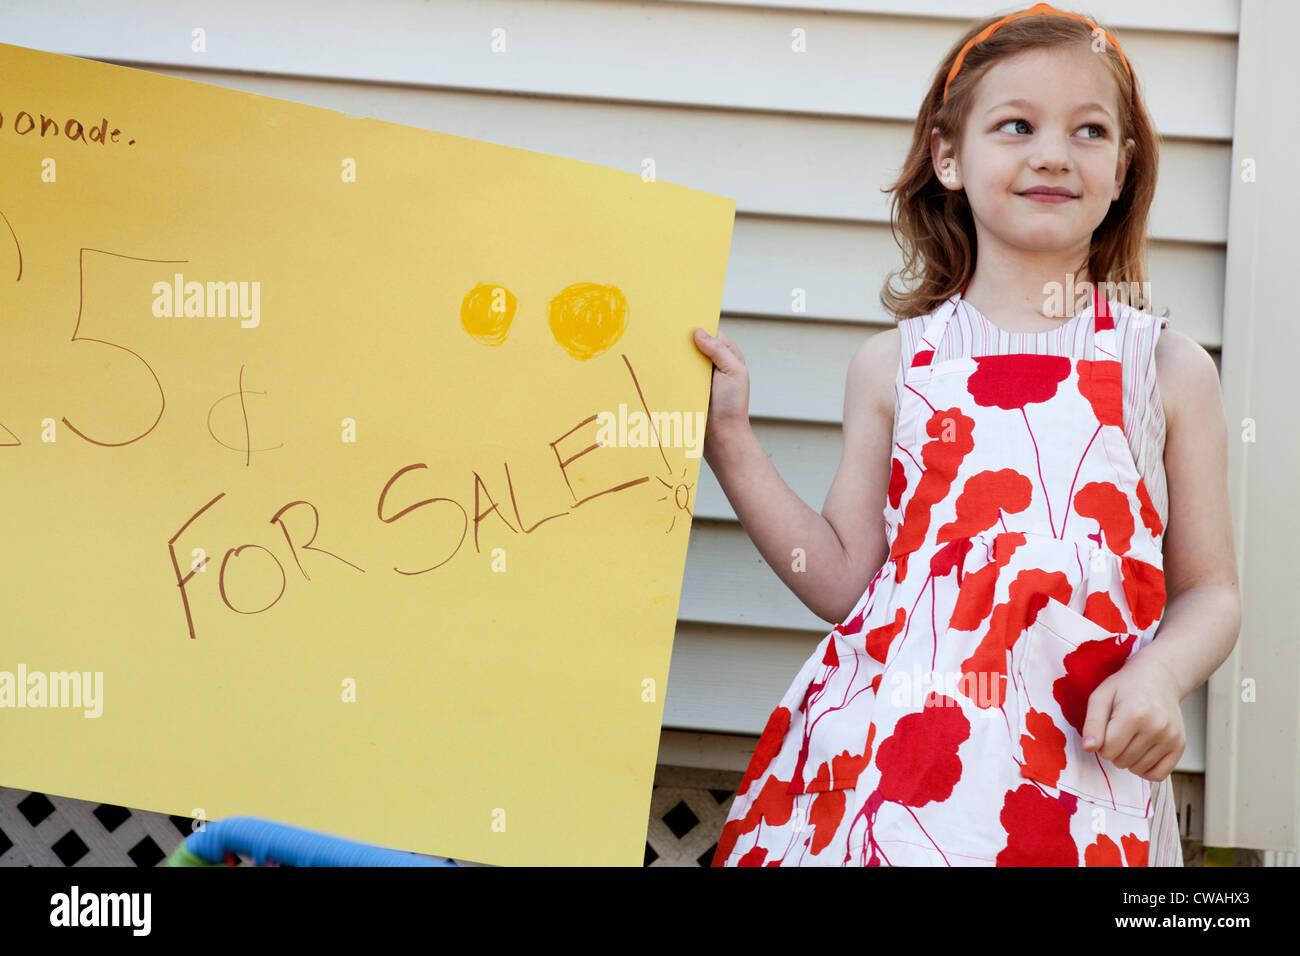 Girl holding homemade lemonade for sale sign - Stock Image